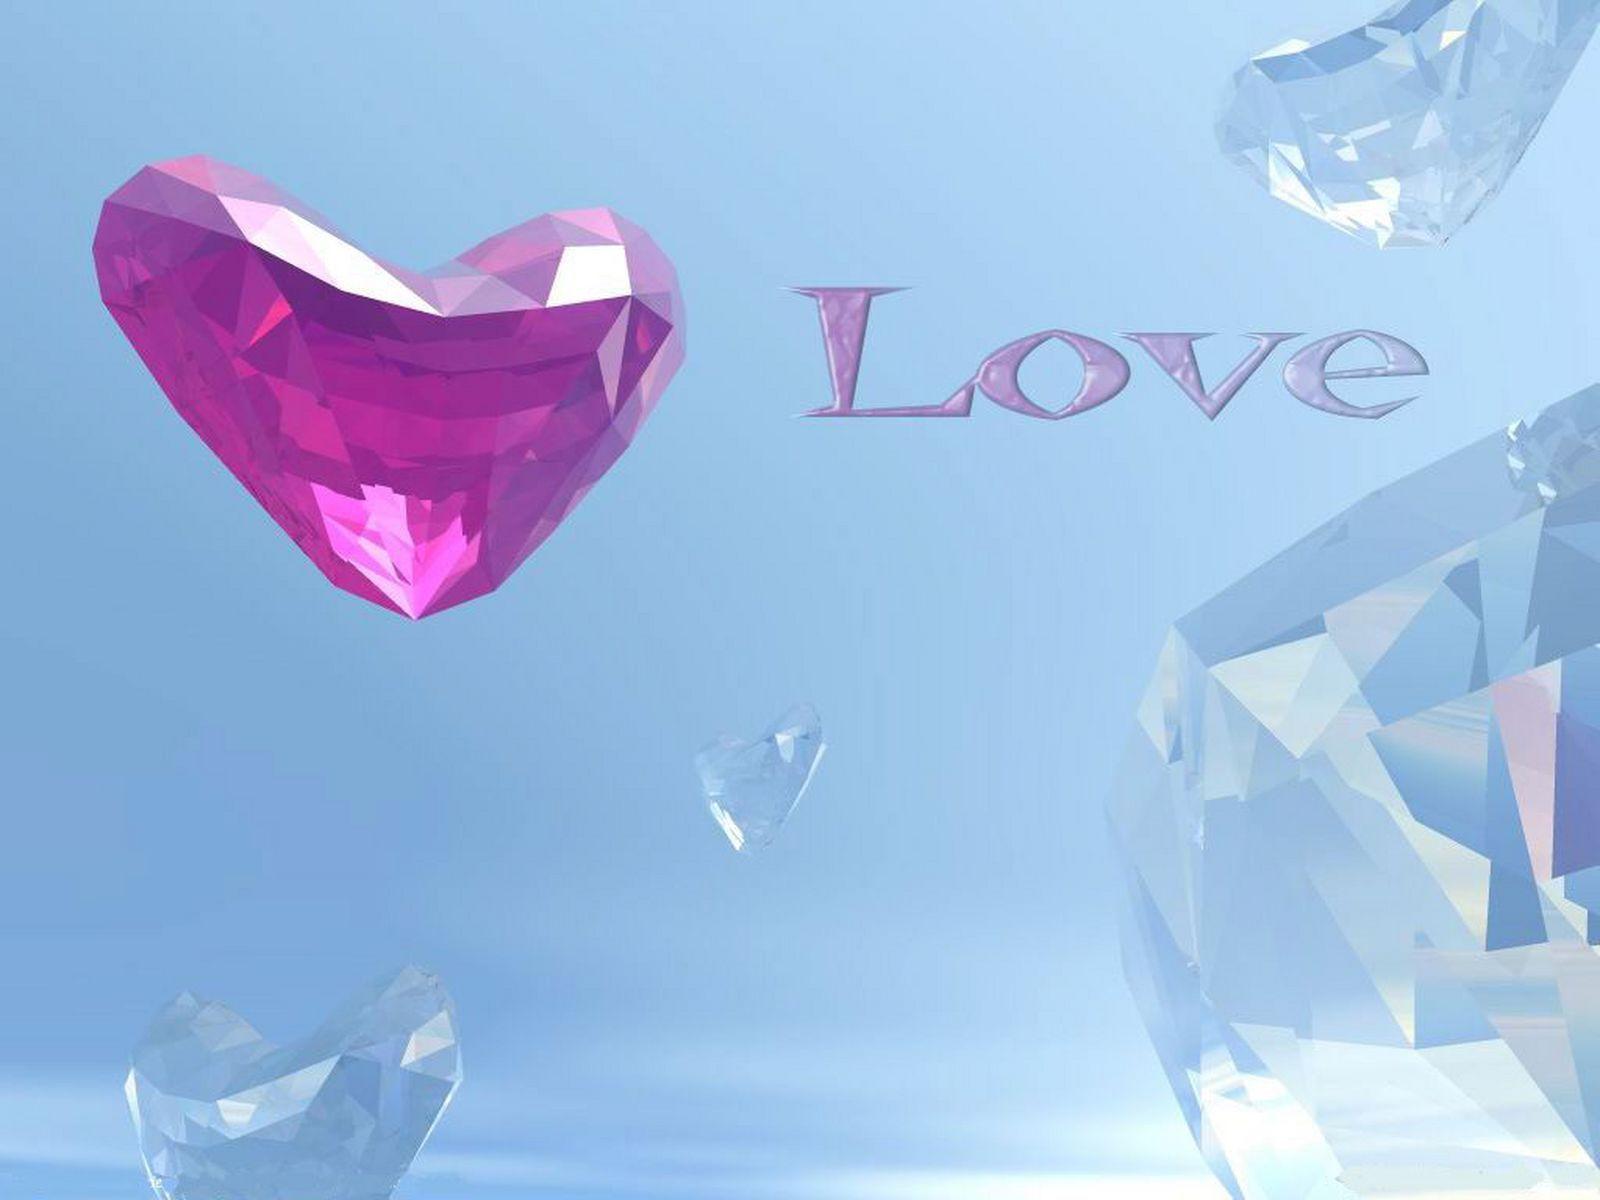 http://4.bp.blogspot.com/_pdgu7Y_jrv0/TUXwCAJaw1I/AAAAAAAAADo/TghoMudSApQ/s1600/Love-Wallpaper-love-2939260-1600-1200.jpg